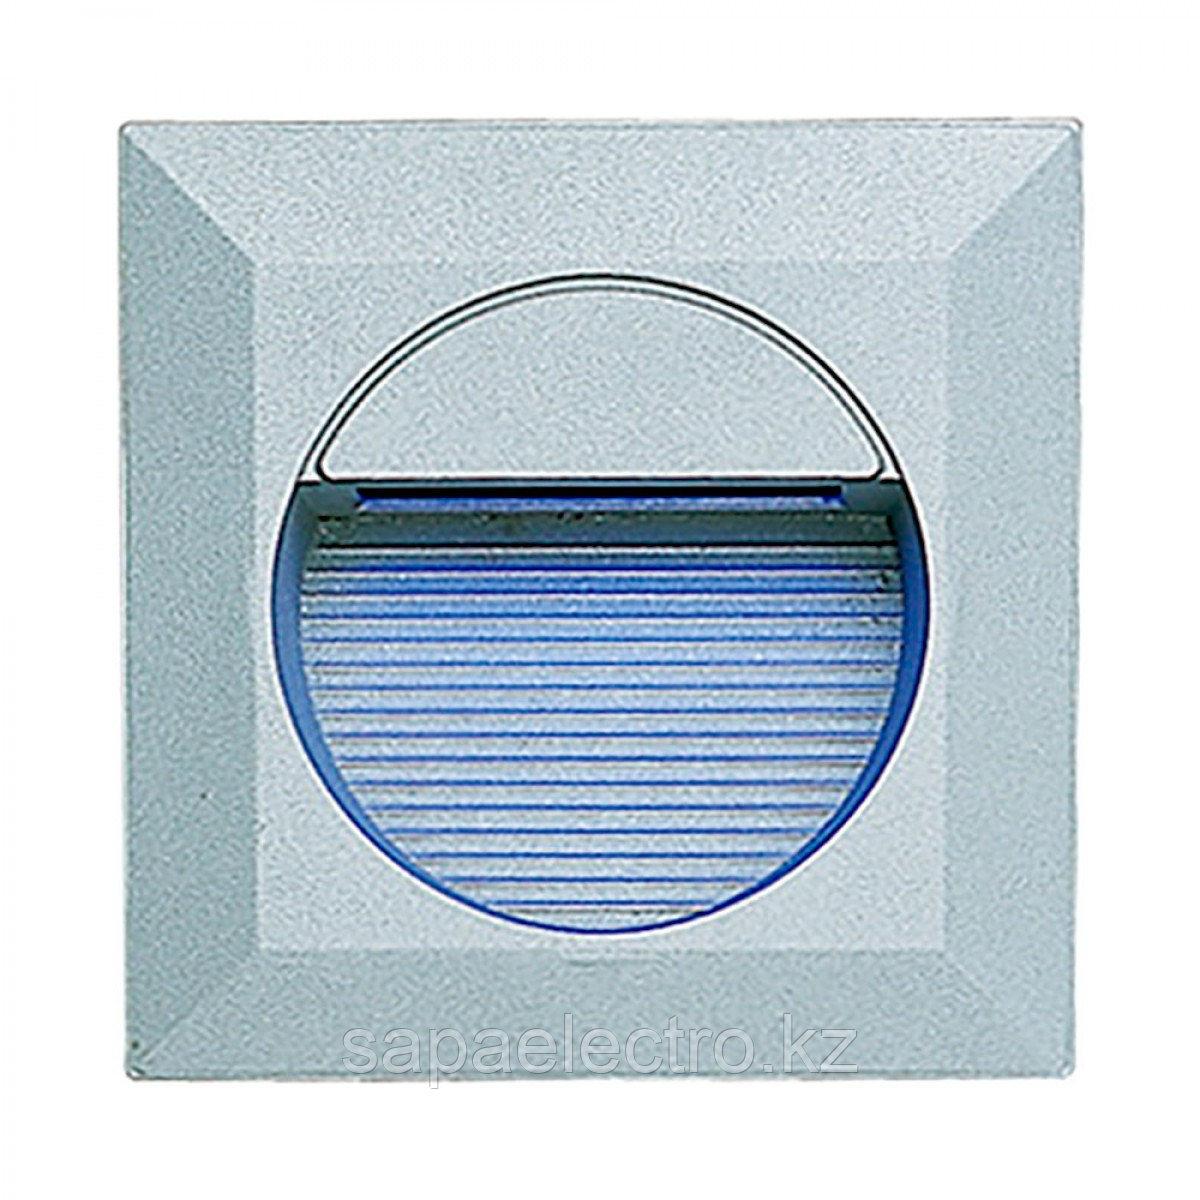 Св-к. R9000S  SILVER (14XLED BLUE) (TEKSAN)(24шт)